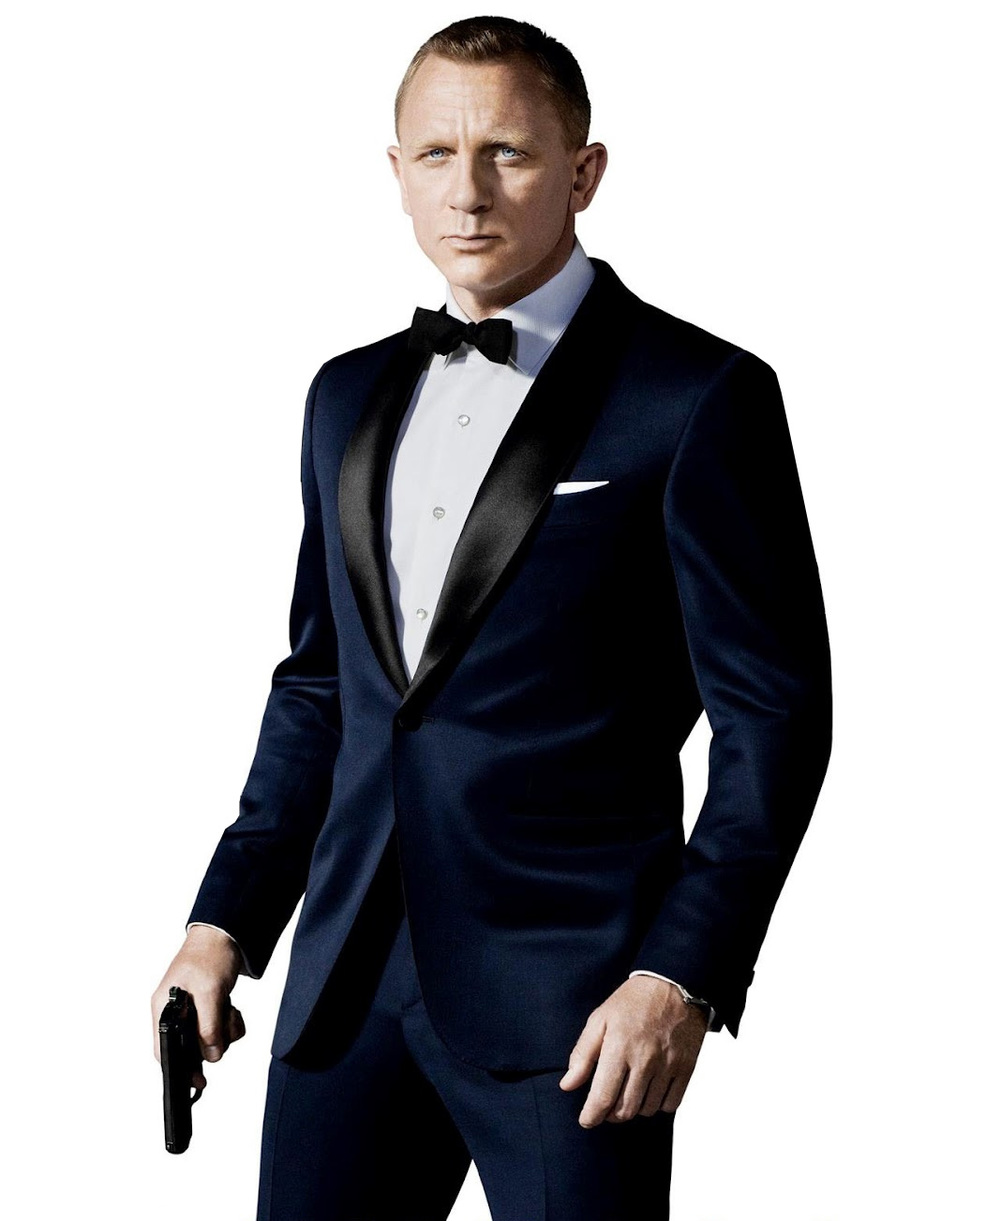 James Bond. Um clássico. E muito simples, diga-se de passagem. Um smoking minimamente bem cortado, um barbear caprichado e uma pistola de brinquedo na mão. Mortal.